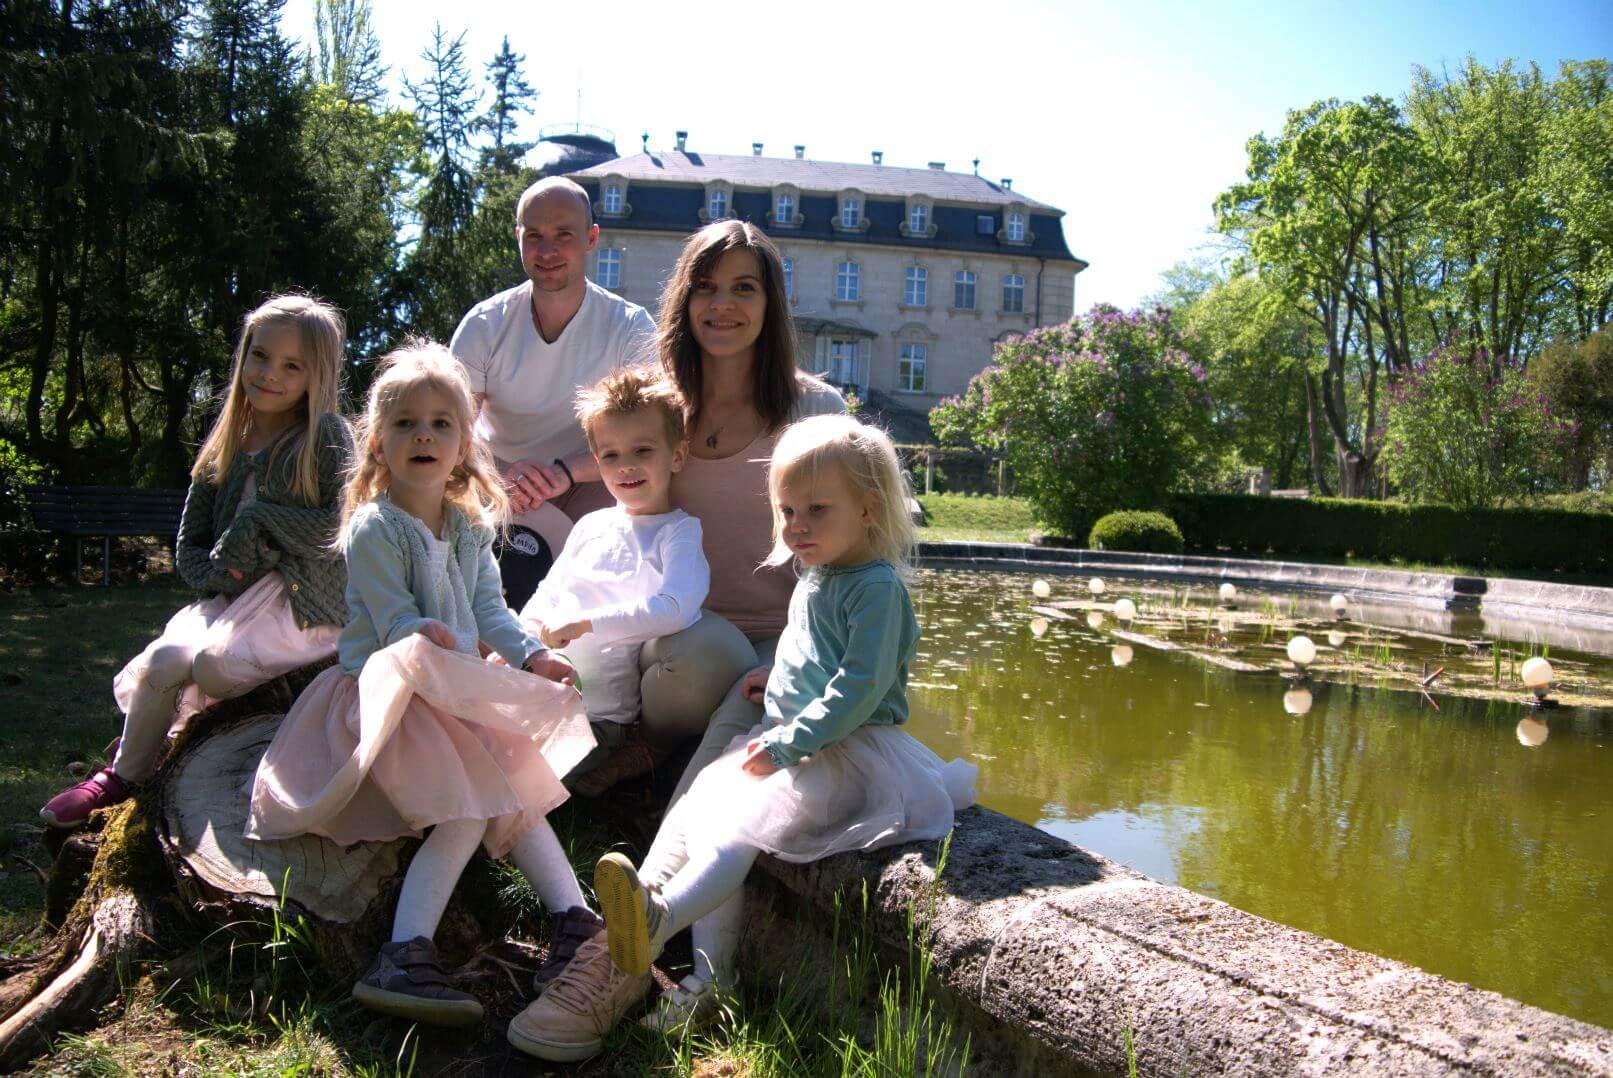 Familie Frank am Teich Schloss Craheim